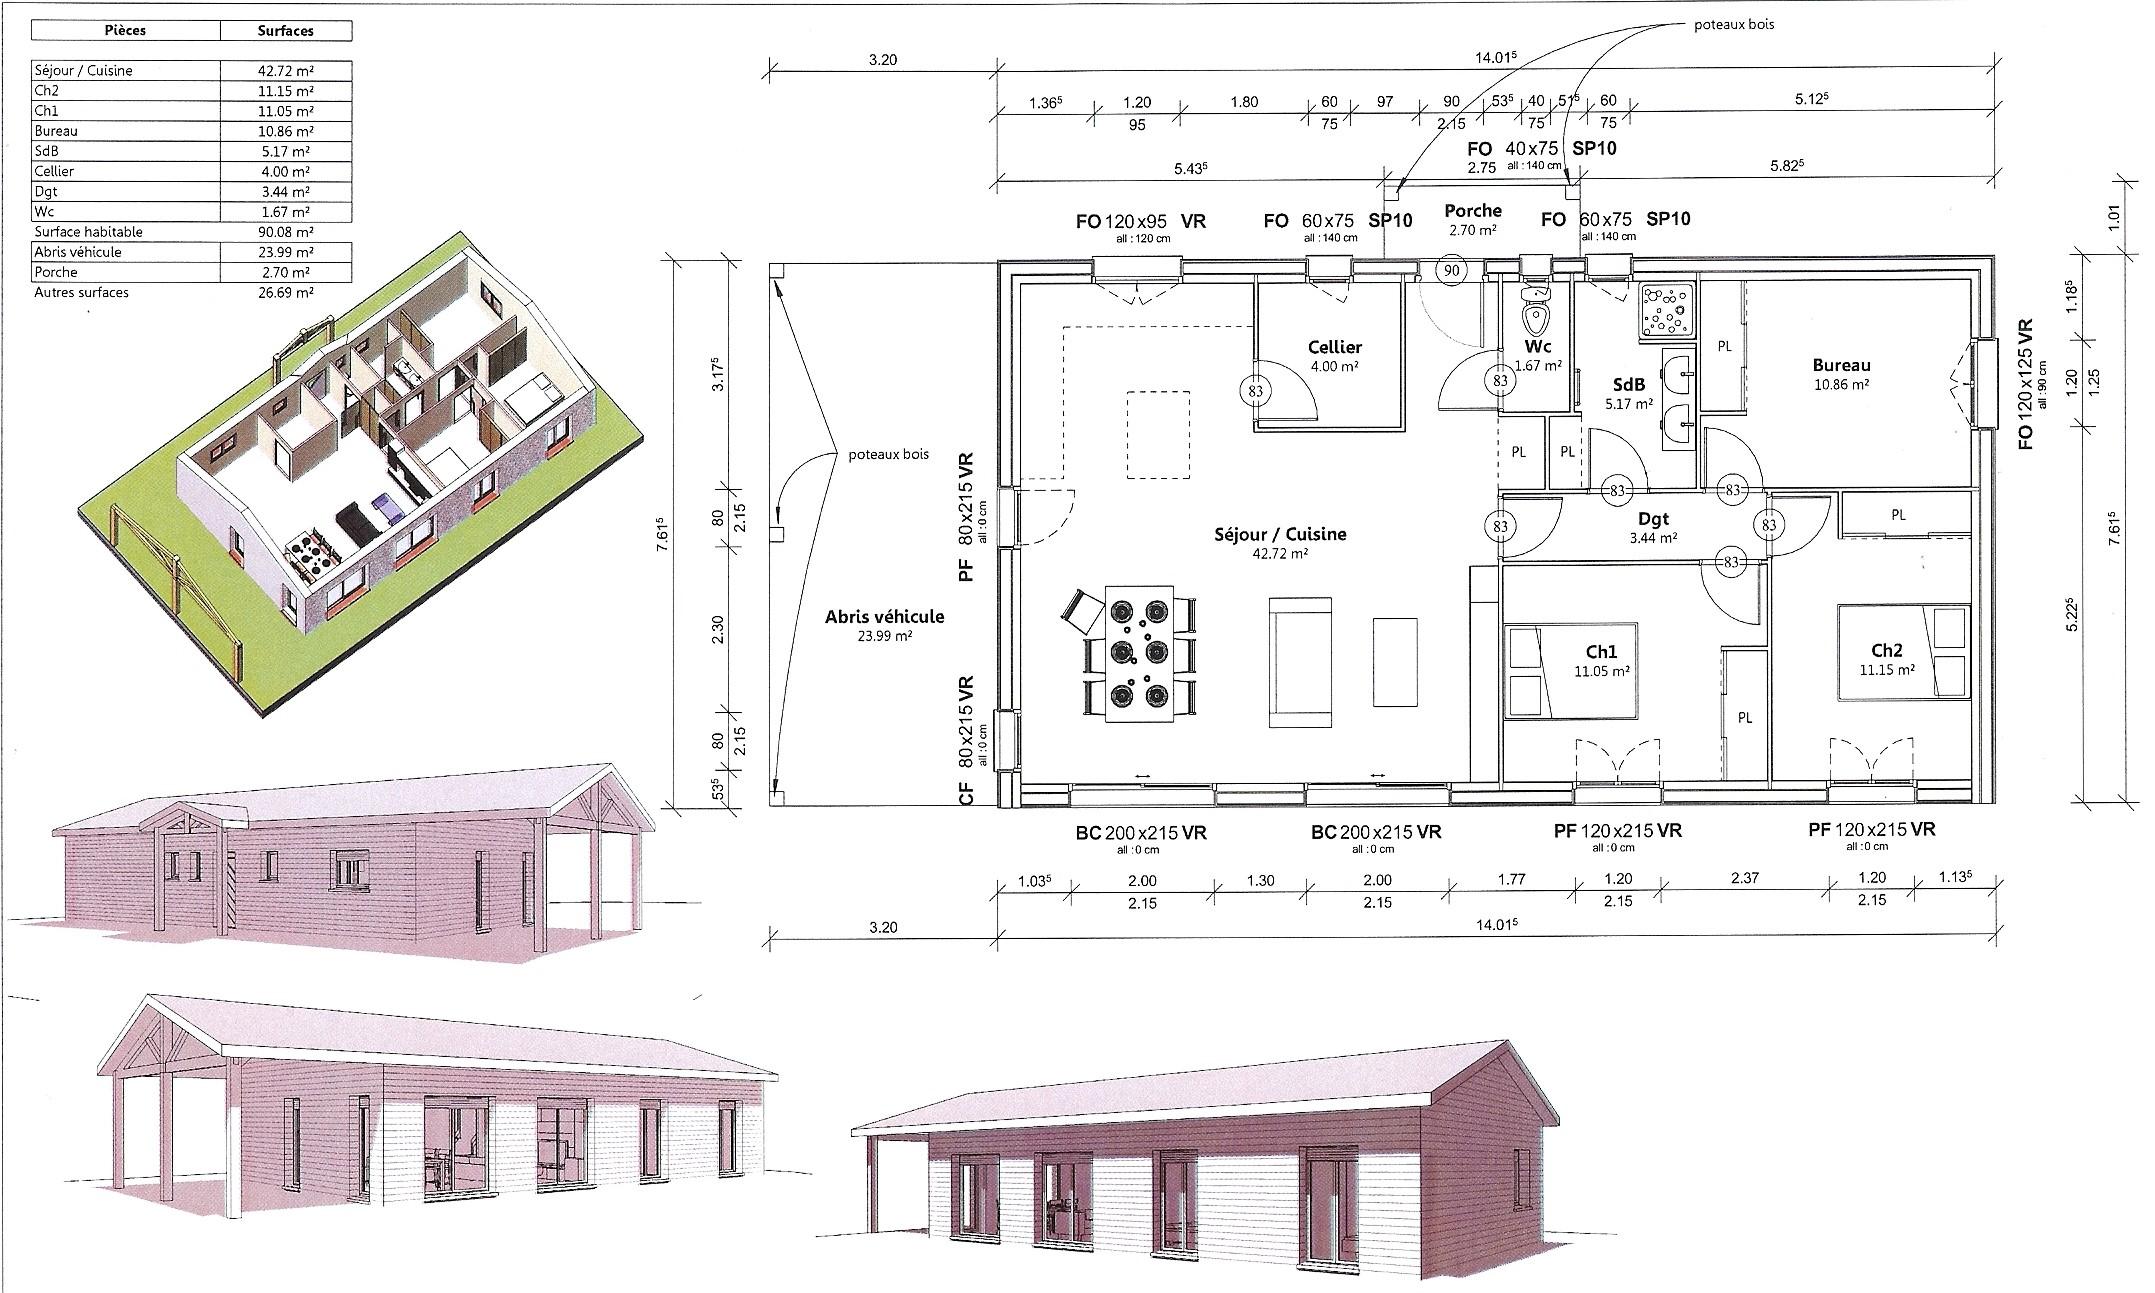 maison bois toulouse, maison bois haute garonne, maison bois midi pyrenees, plan maison bois haute garonne,plan maison bois midi pyrenees